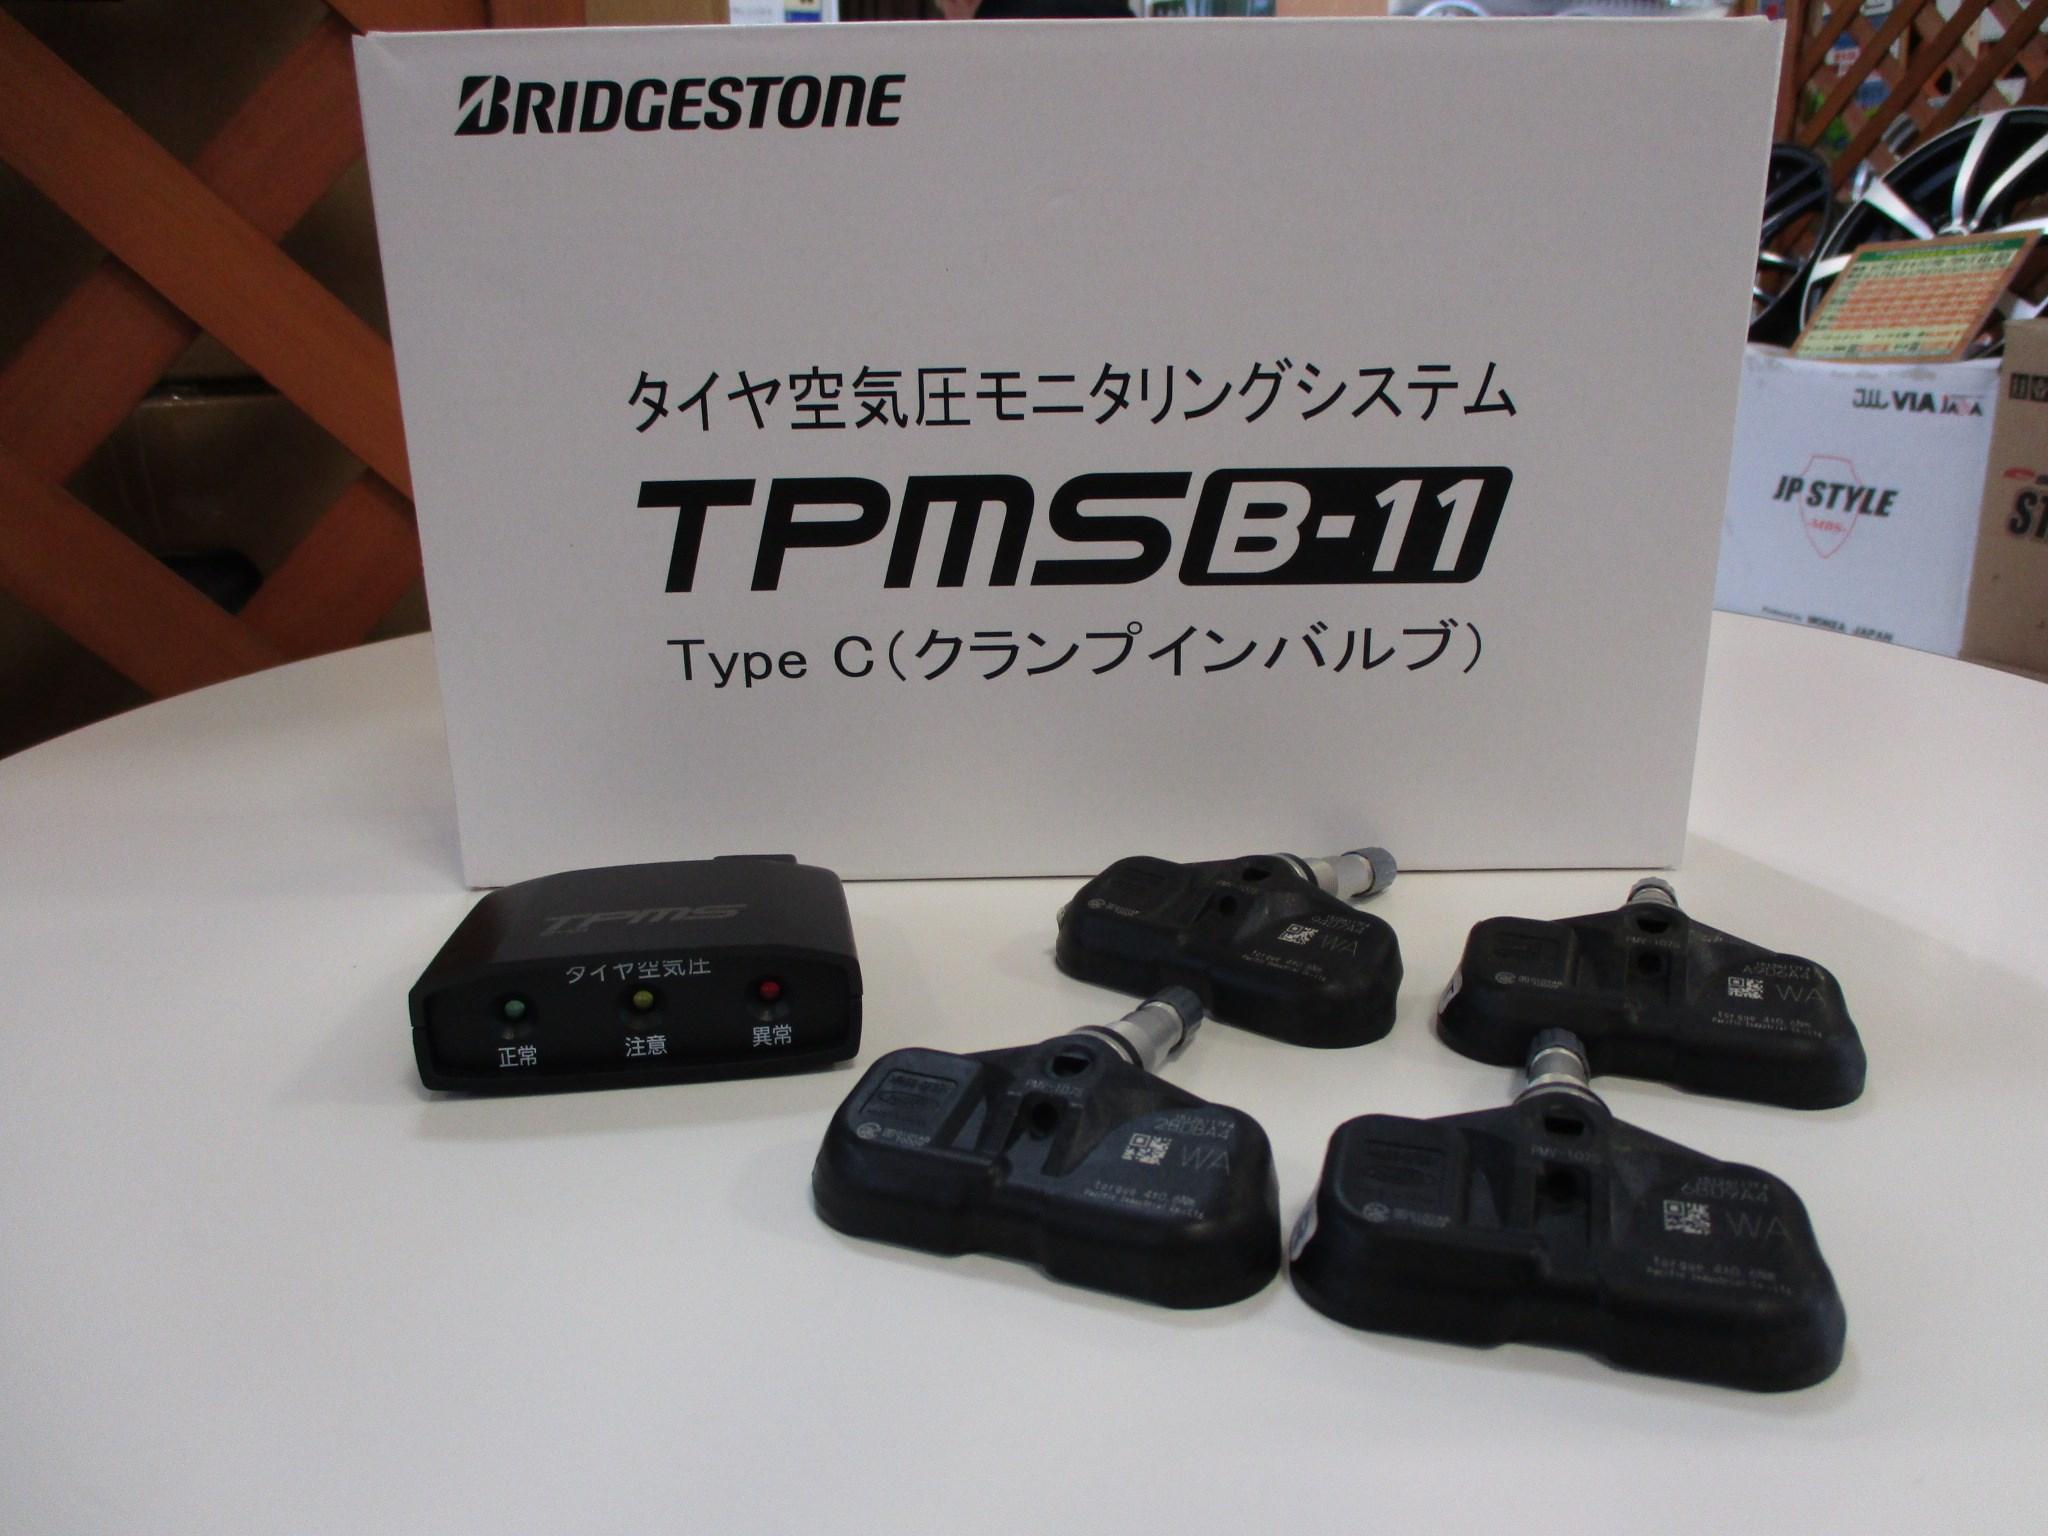 tpms b11